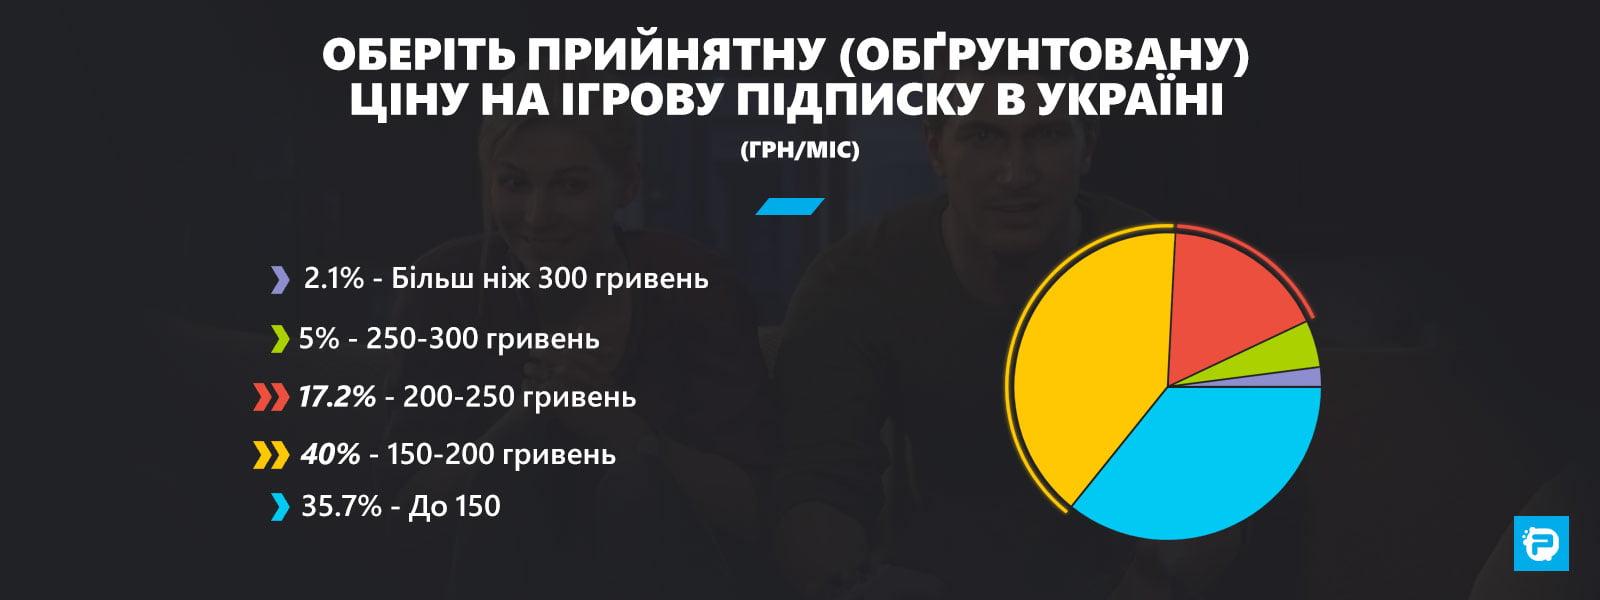 Оберіть прийнятну (обґрунтовану) ціну на ігрову підписку в Україні (грн/міс)